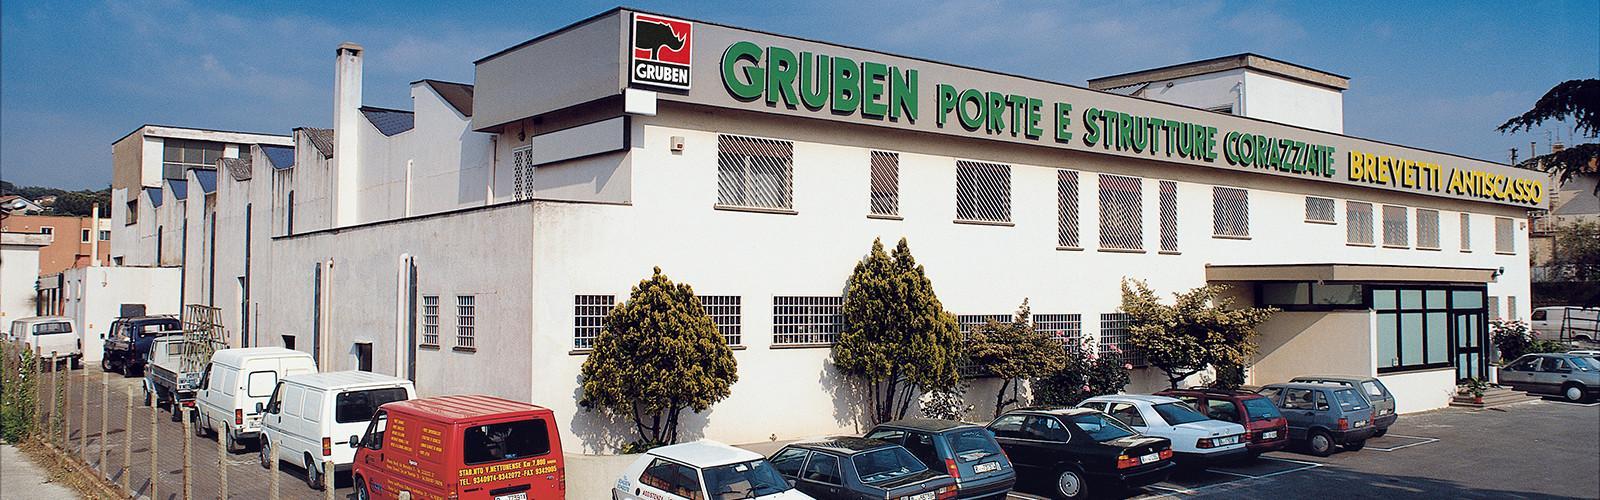 Gruben Sicurezza: Serramenti Infissi Antiscasso a Roma e Lazio